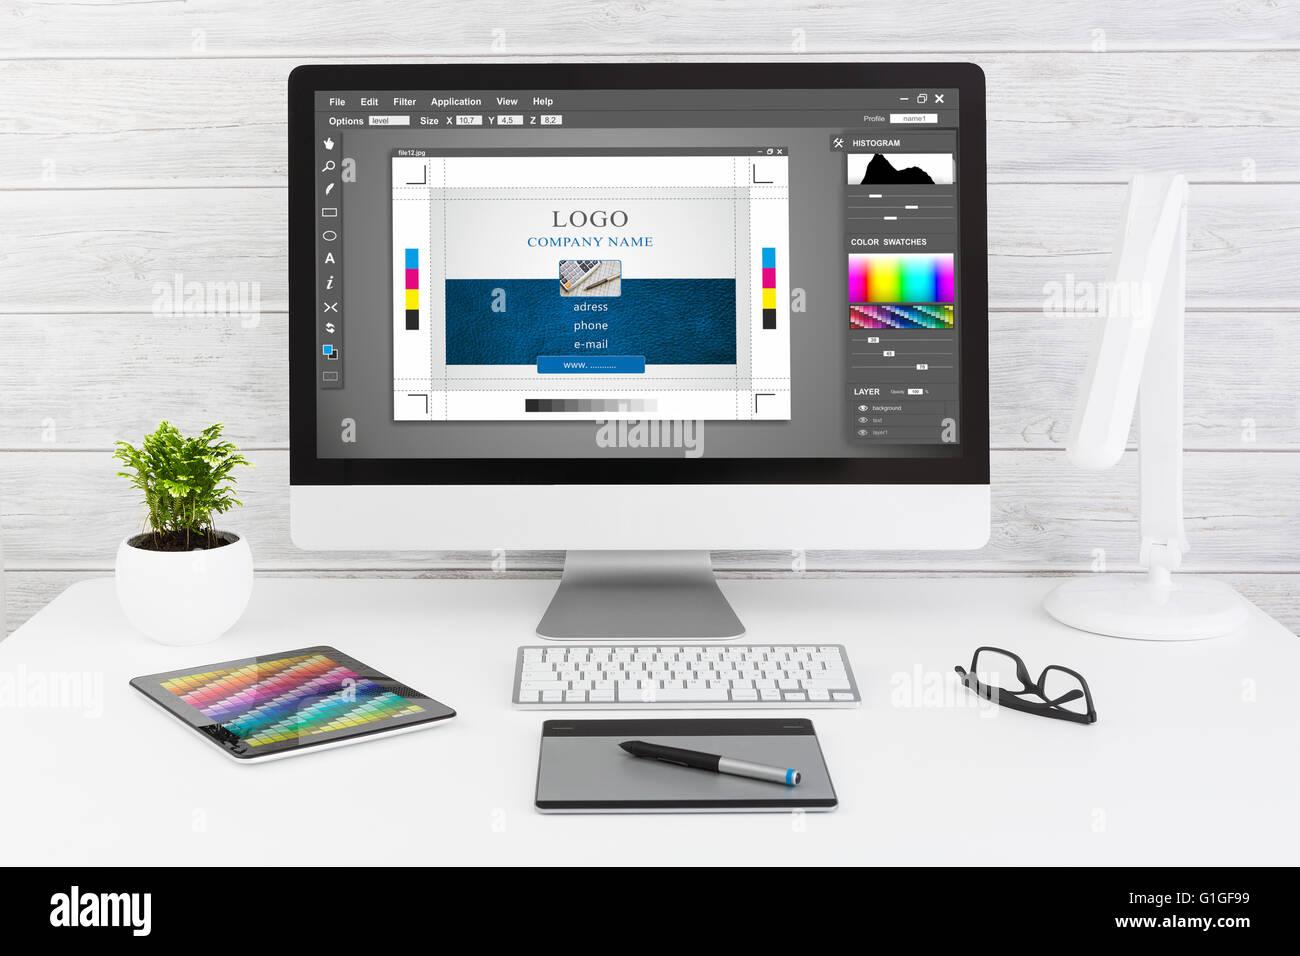 Grafik-Designer bei der Arbeit. Swatch Farbmuster. Stockbild